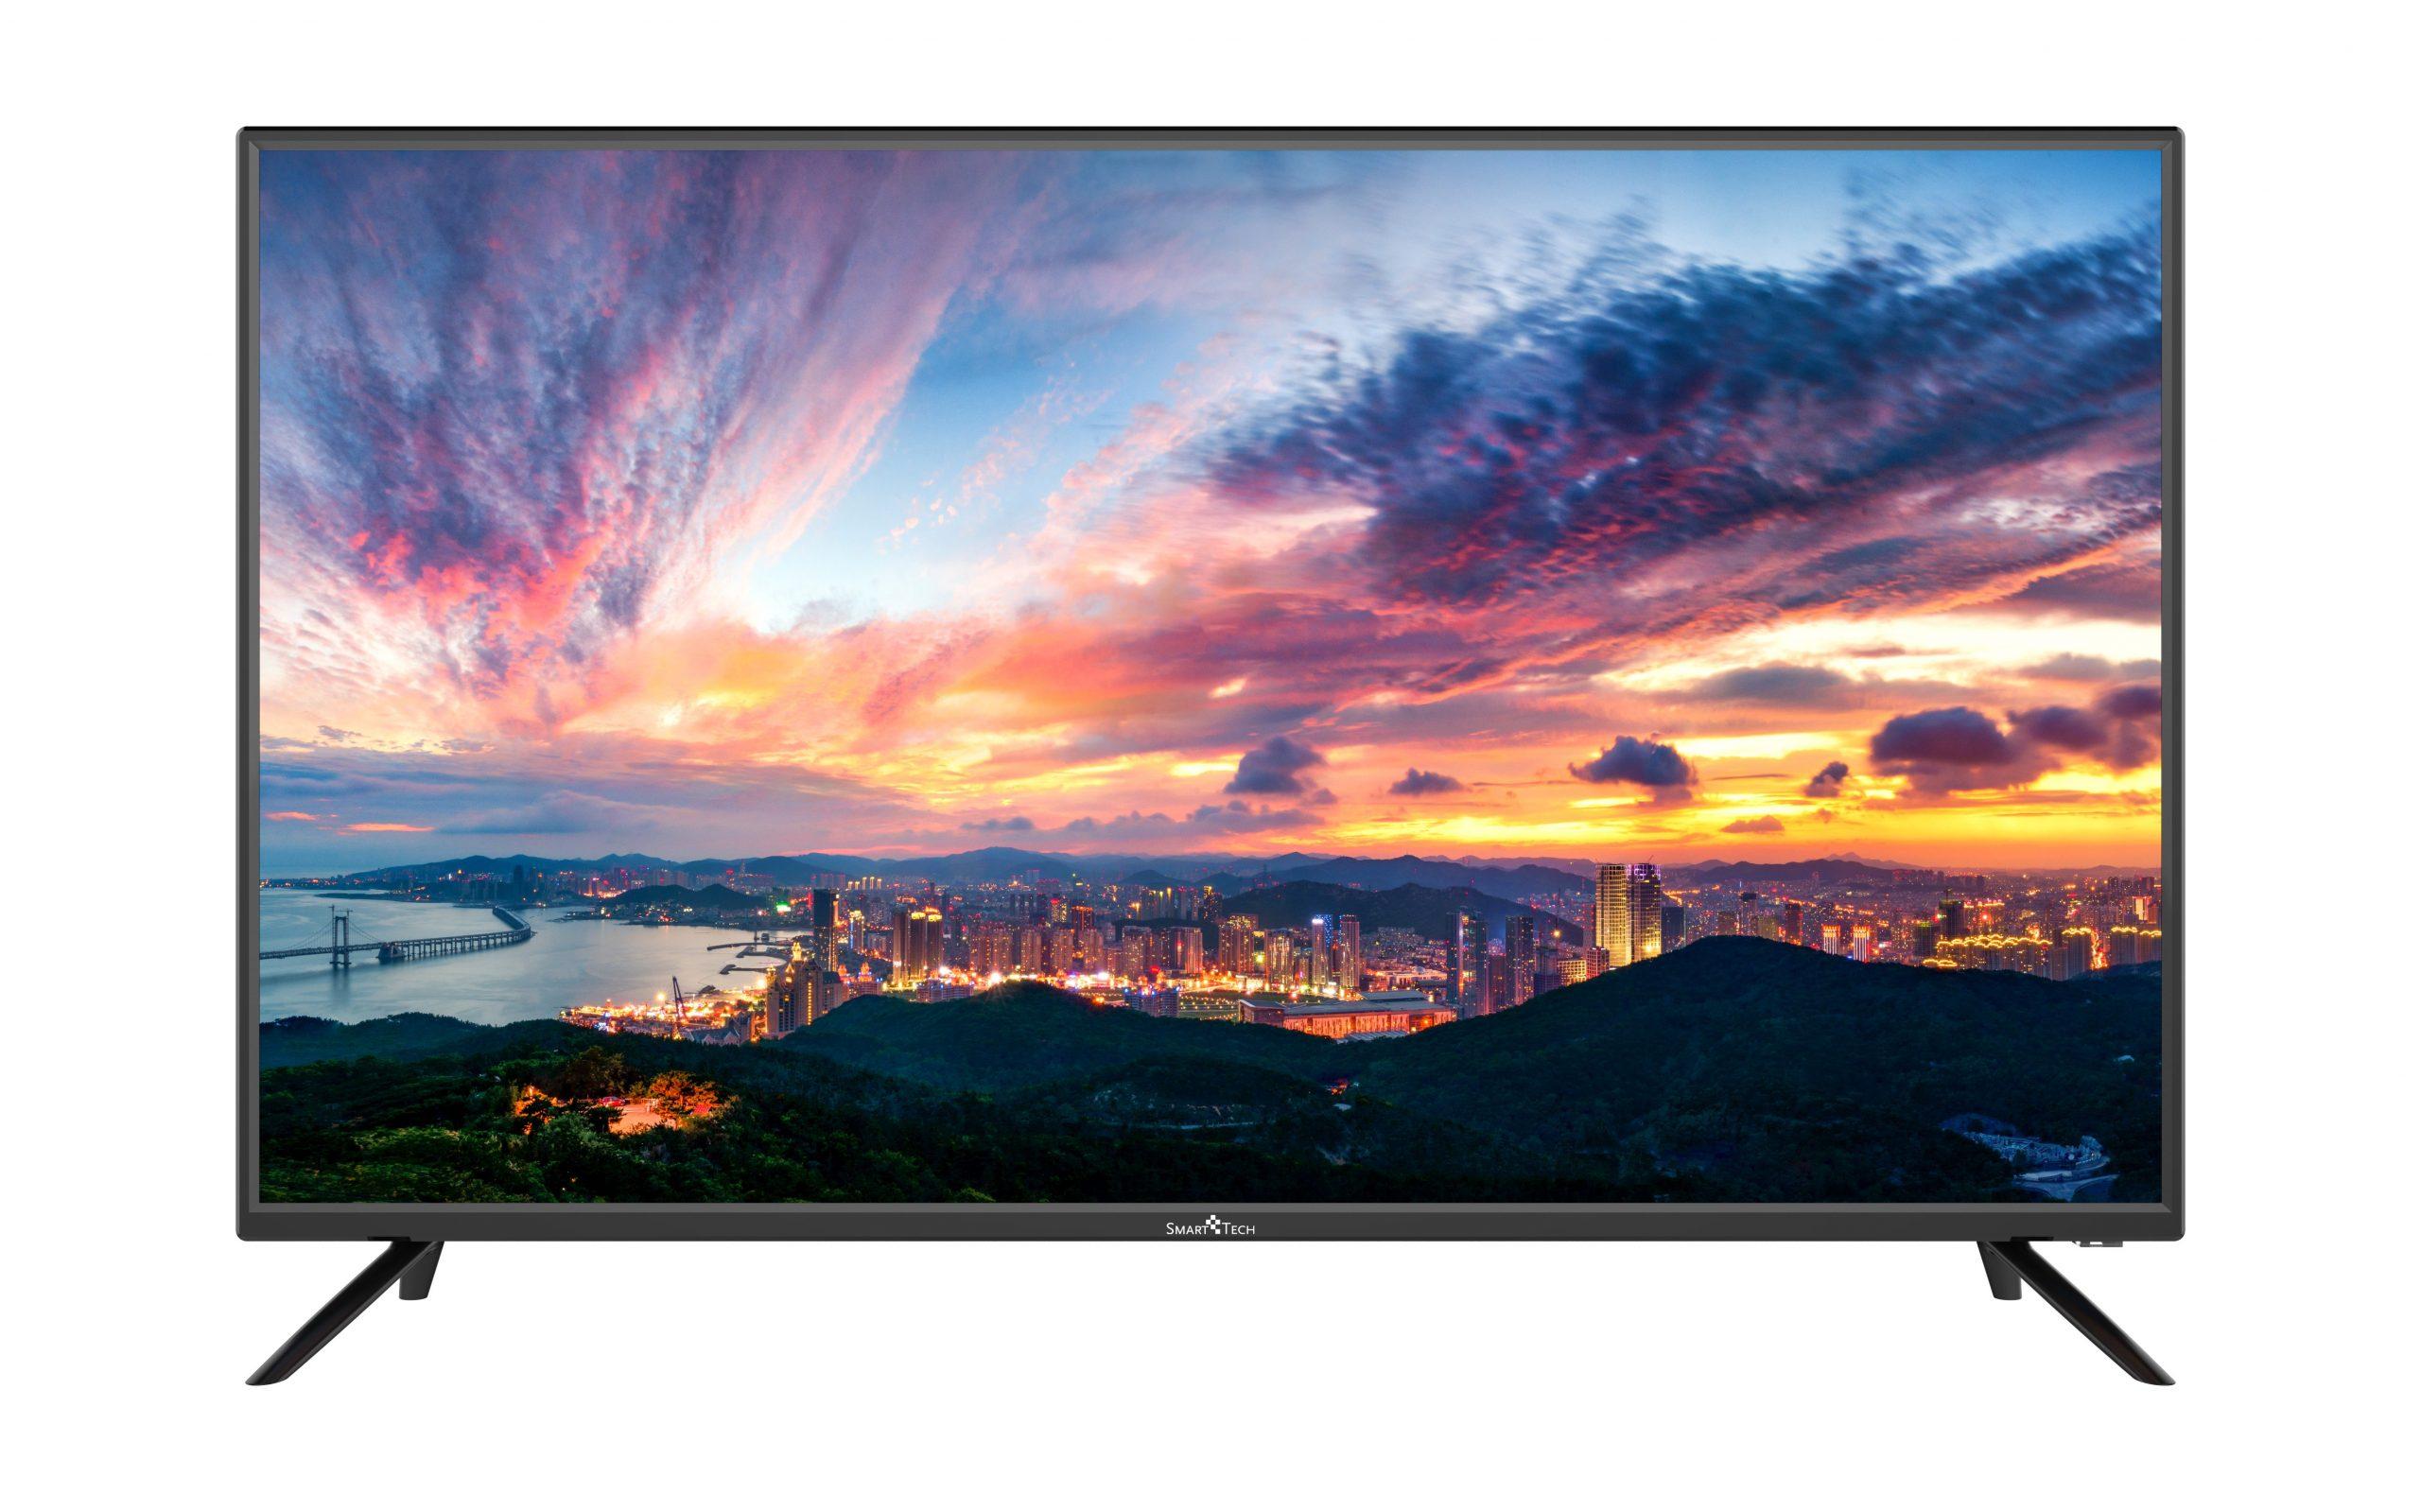 Smart Tv 28 Pollici Carrefour